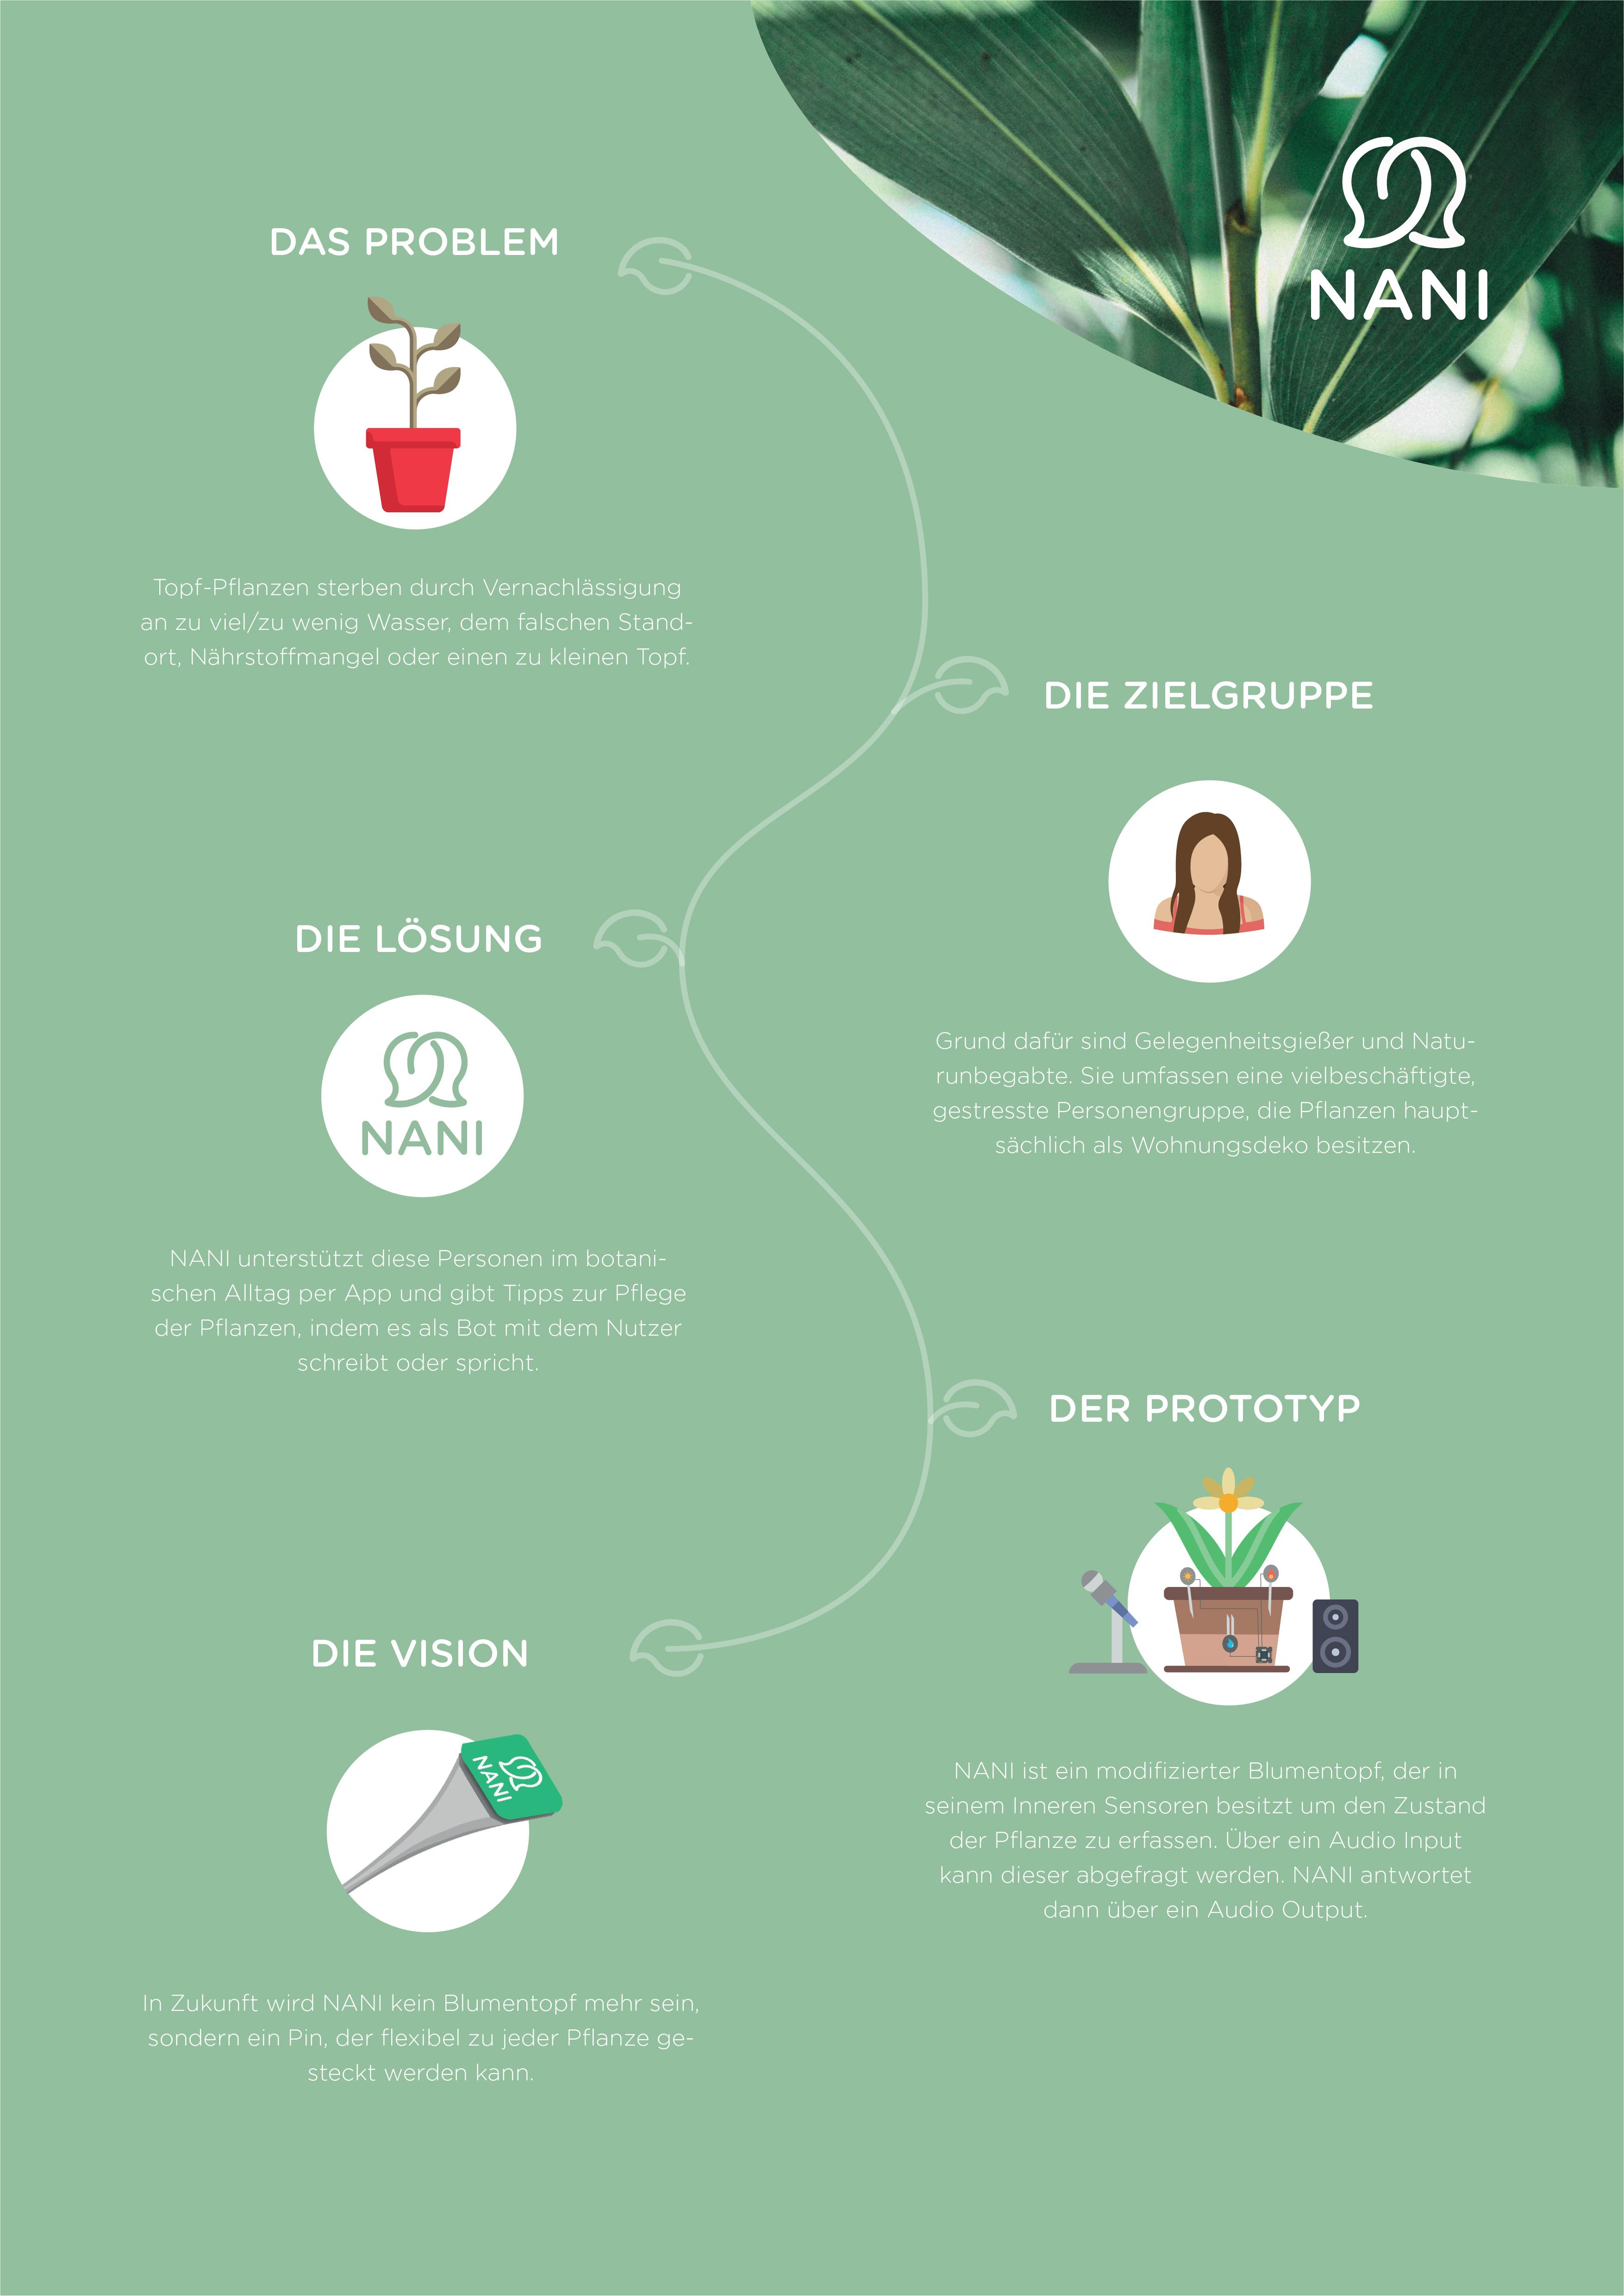 Nani - Interactive Media Design Pflege Von Pflanzen Probleme Grunde